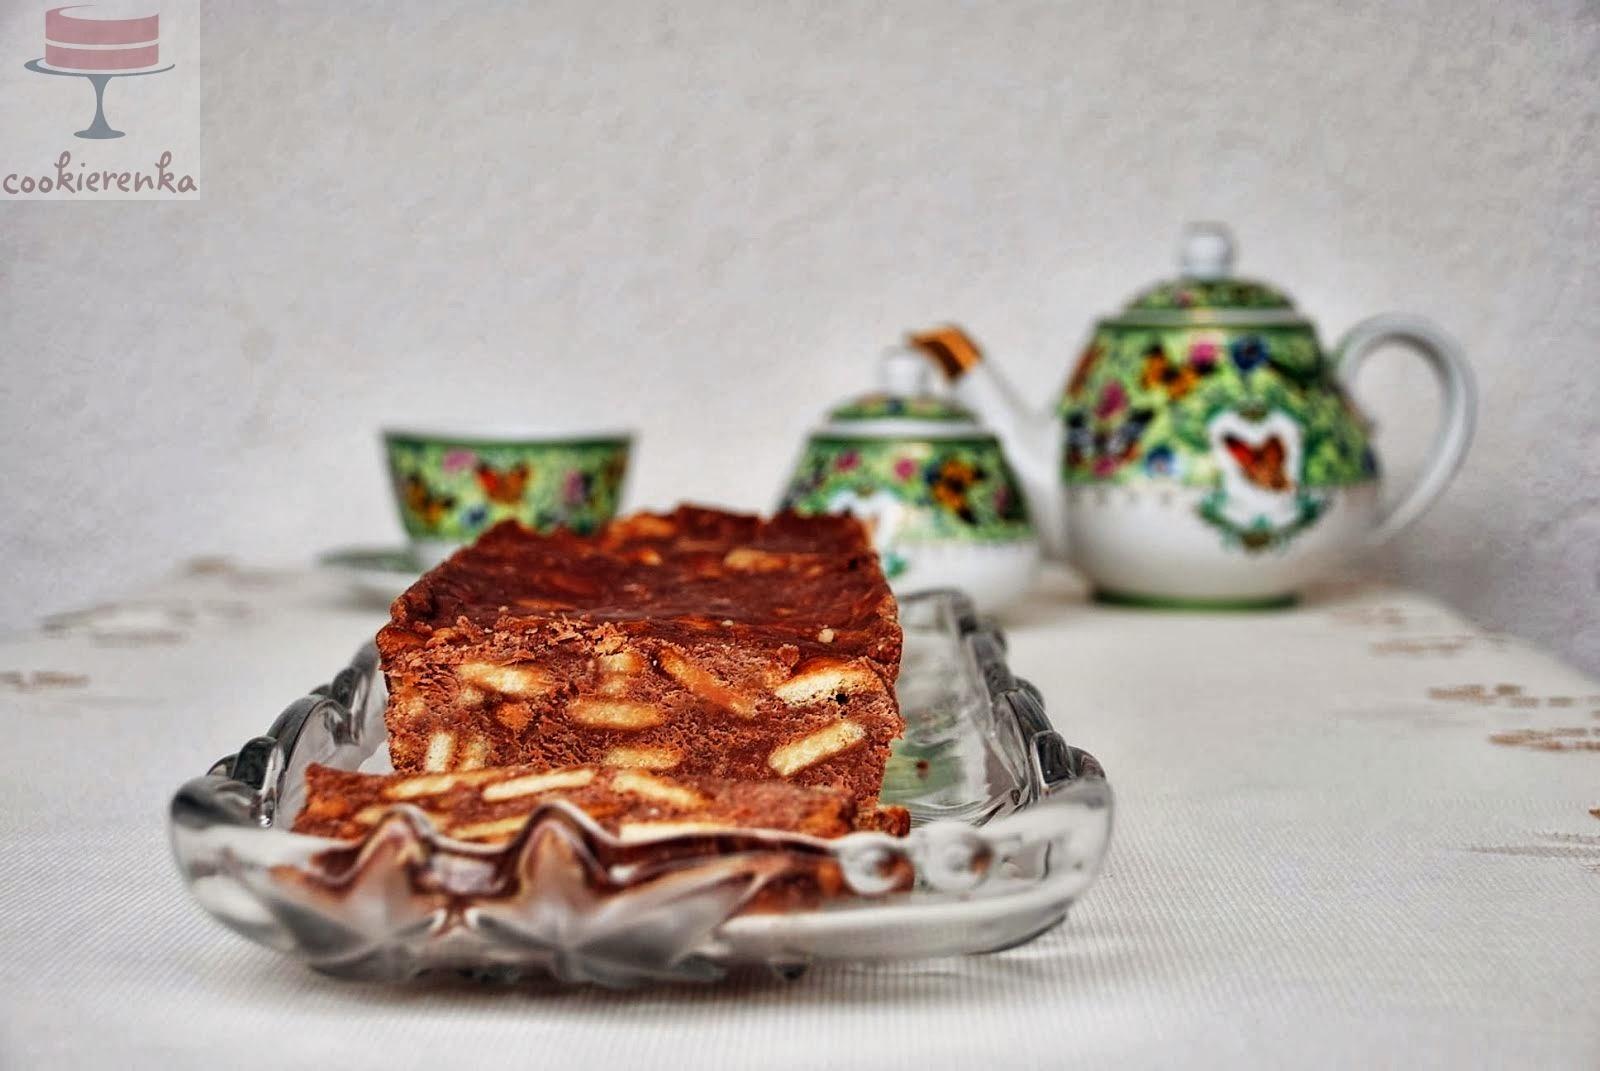 http://www.cookierenka.com/2013/11/tradycyjny-blok-czekoladowy.html